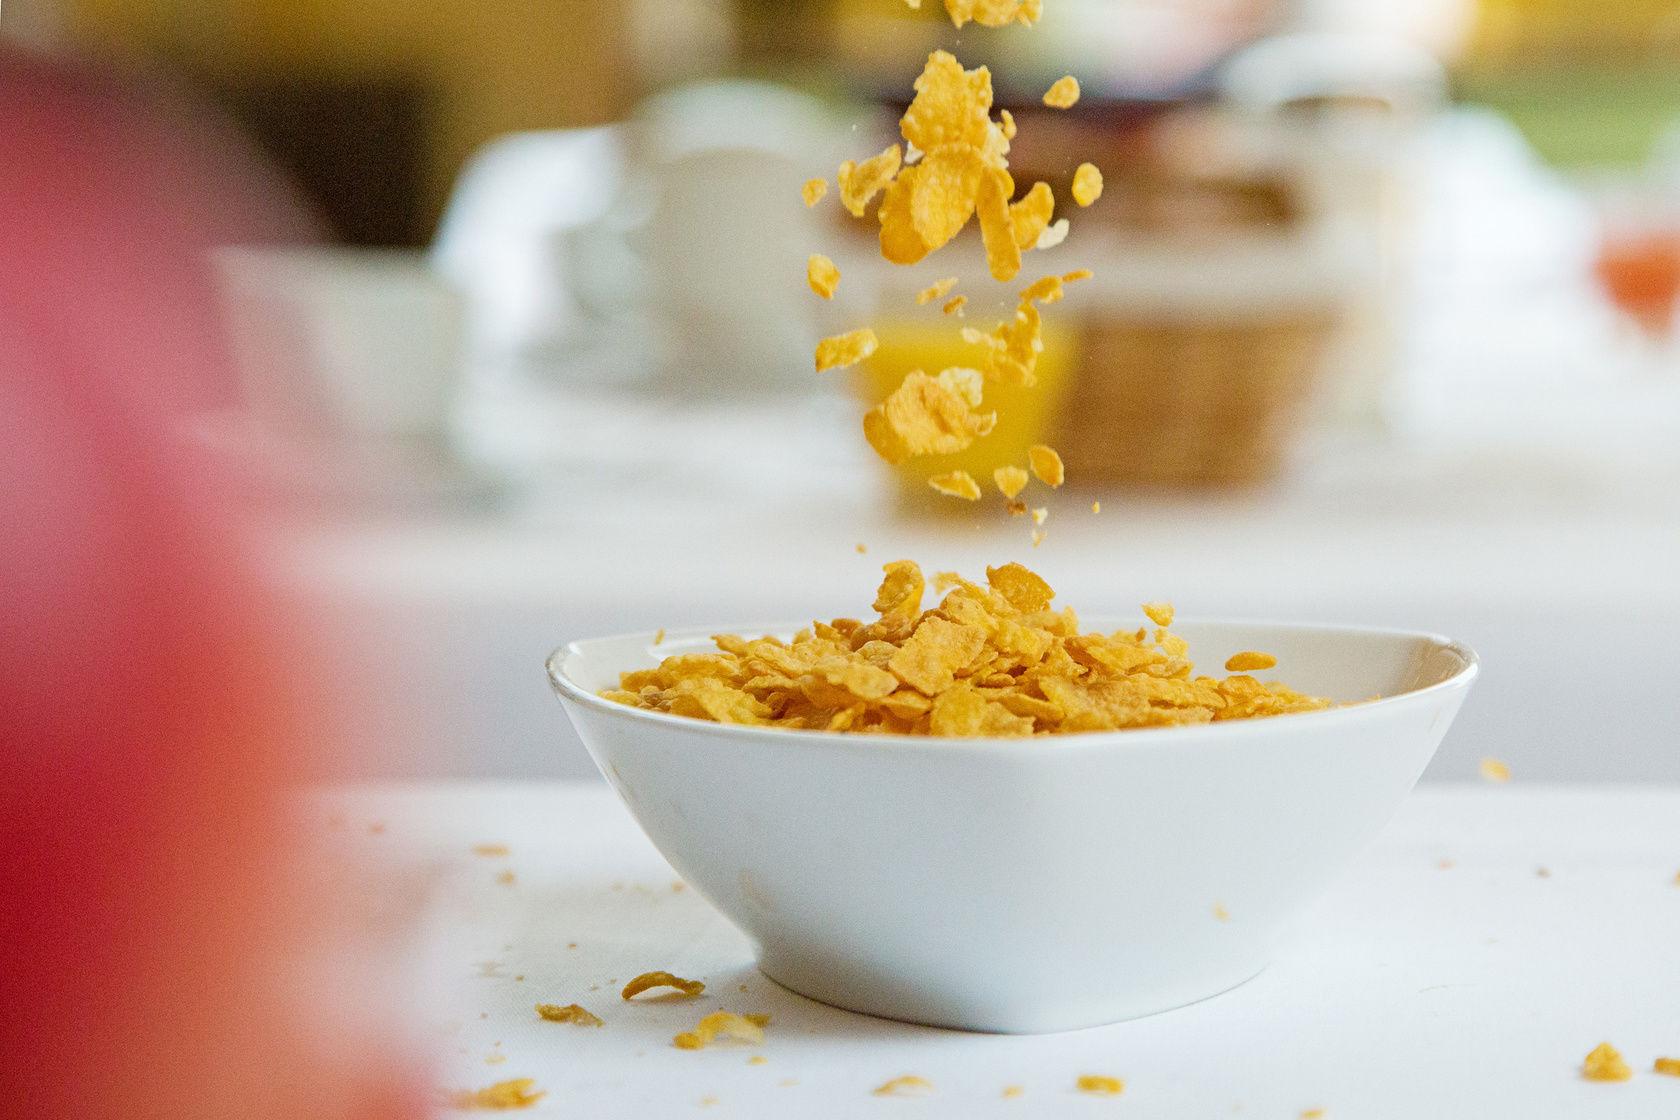 Elegant Guten Morgen Frühstück Referenz Von Und Weil Wir Reichlich Platz Haben, Kann